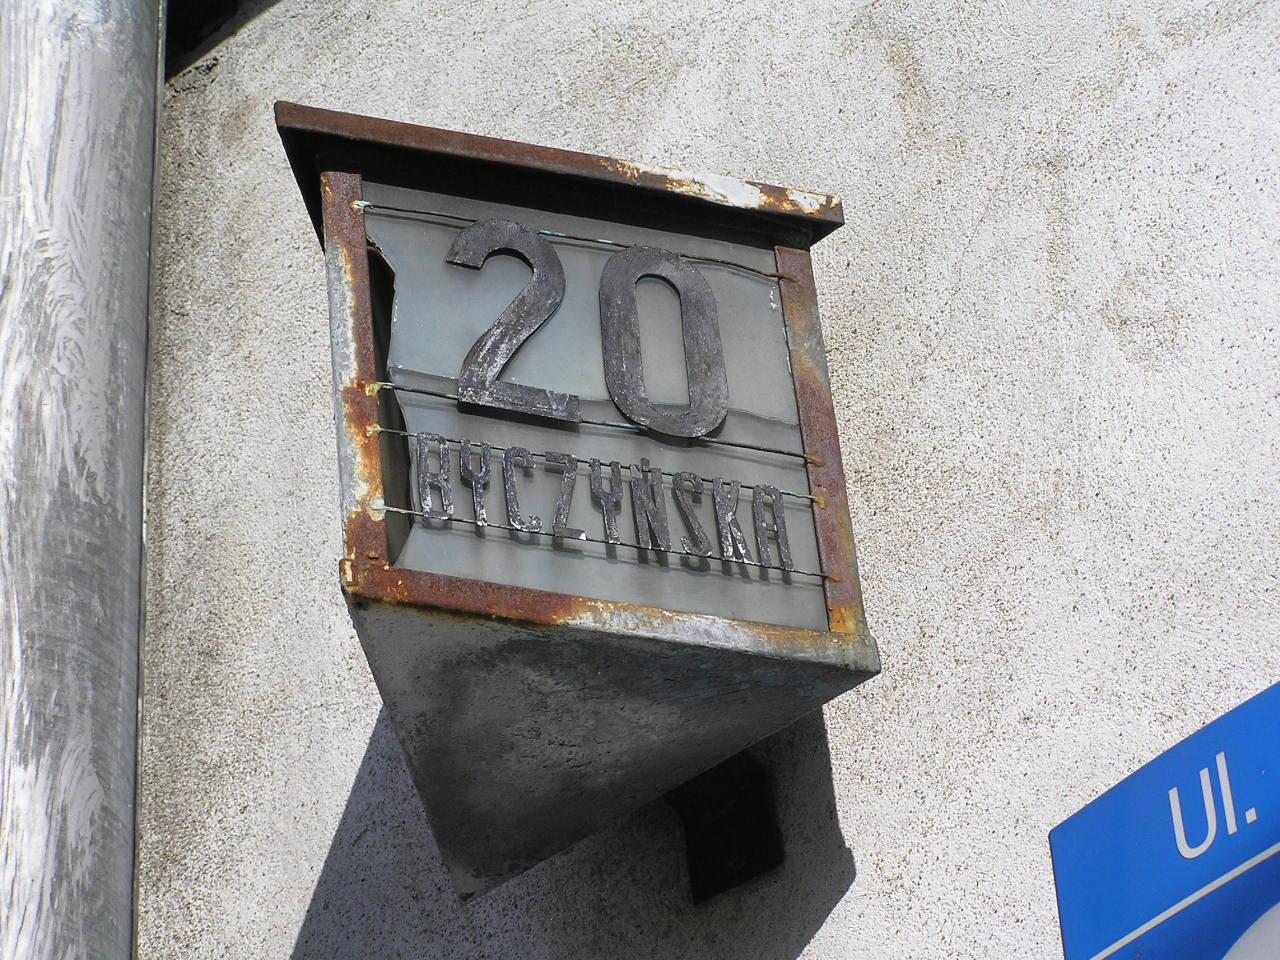 Latarenka adresowa - Byczyńska 20